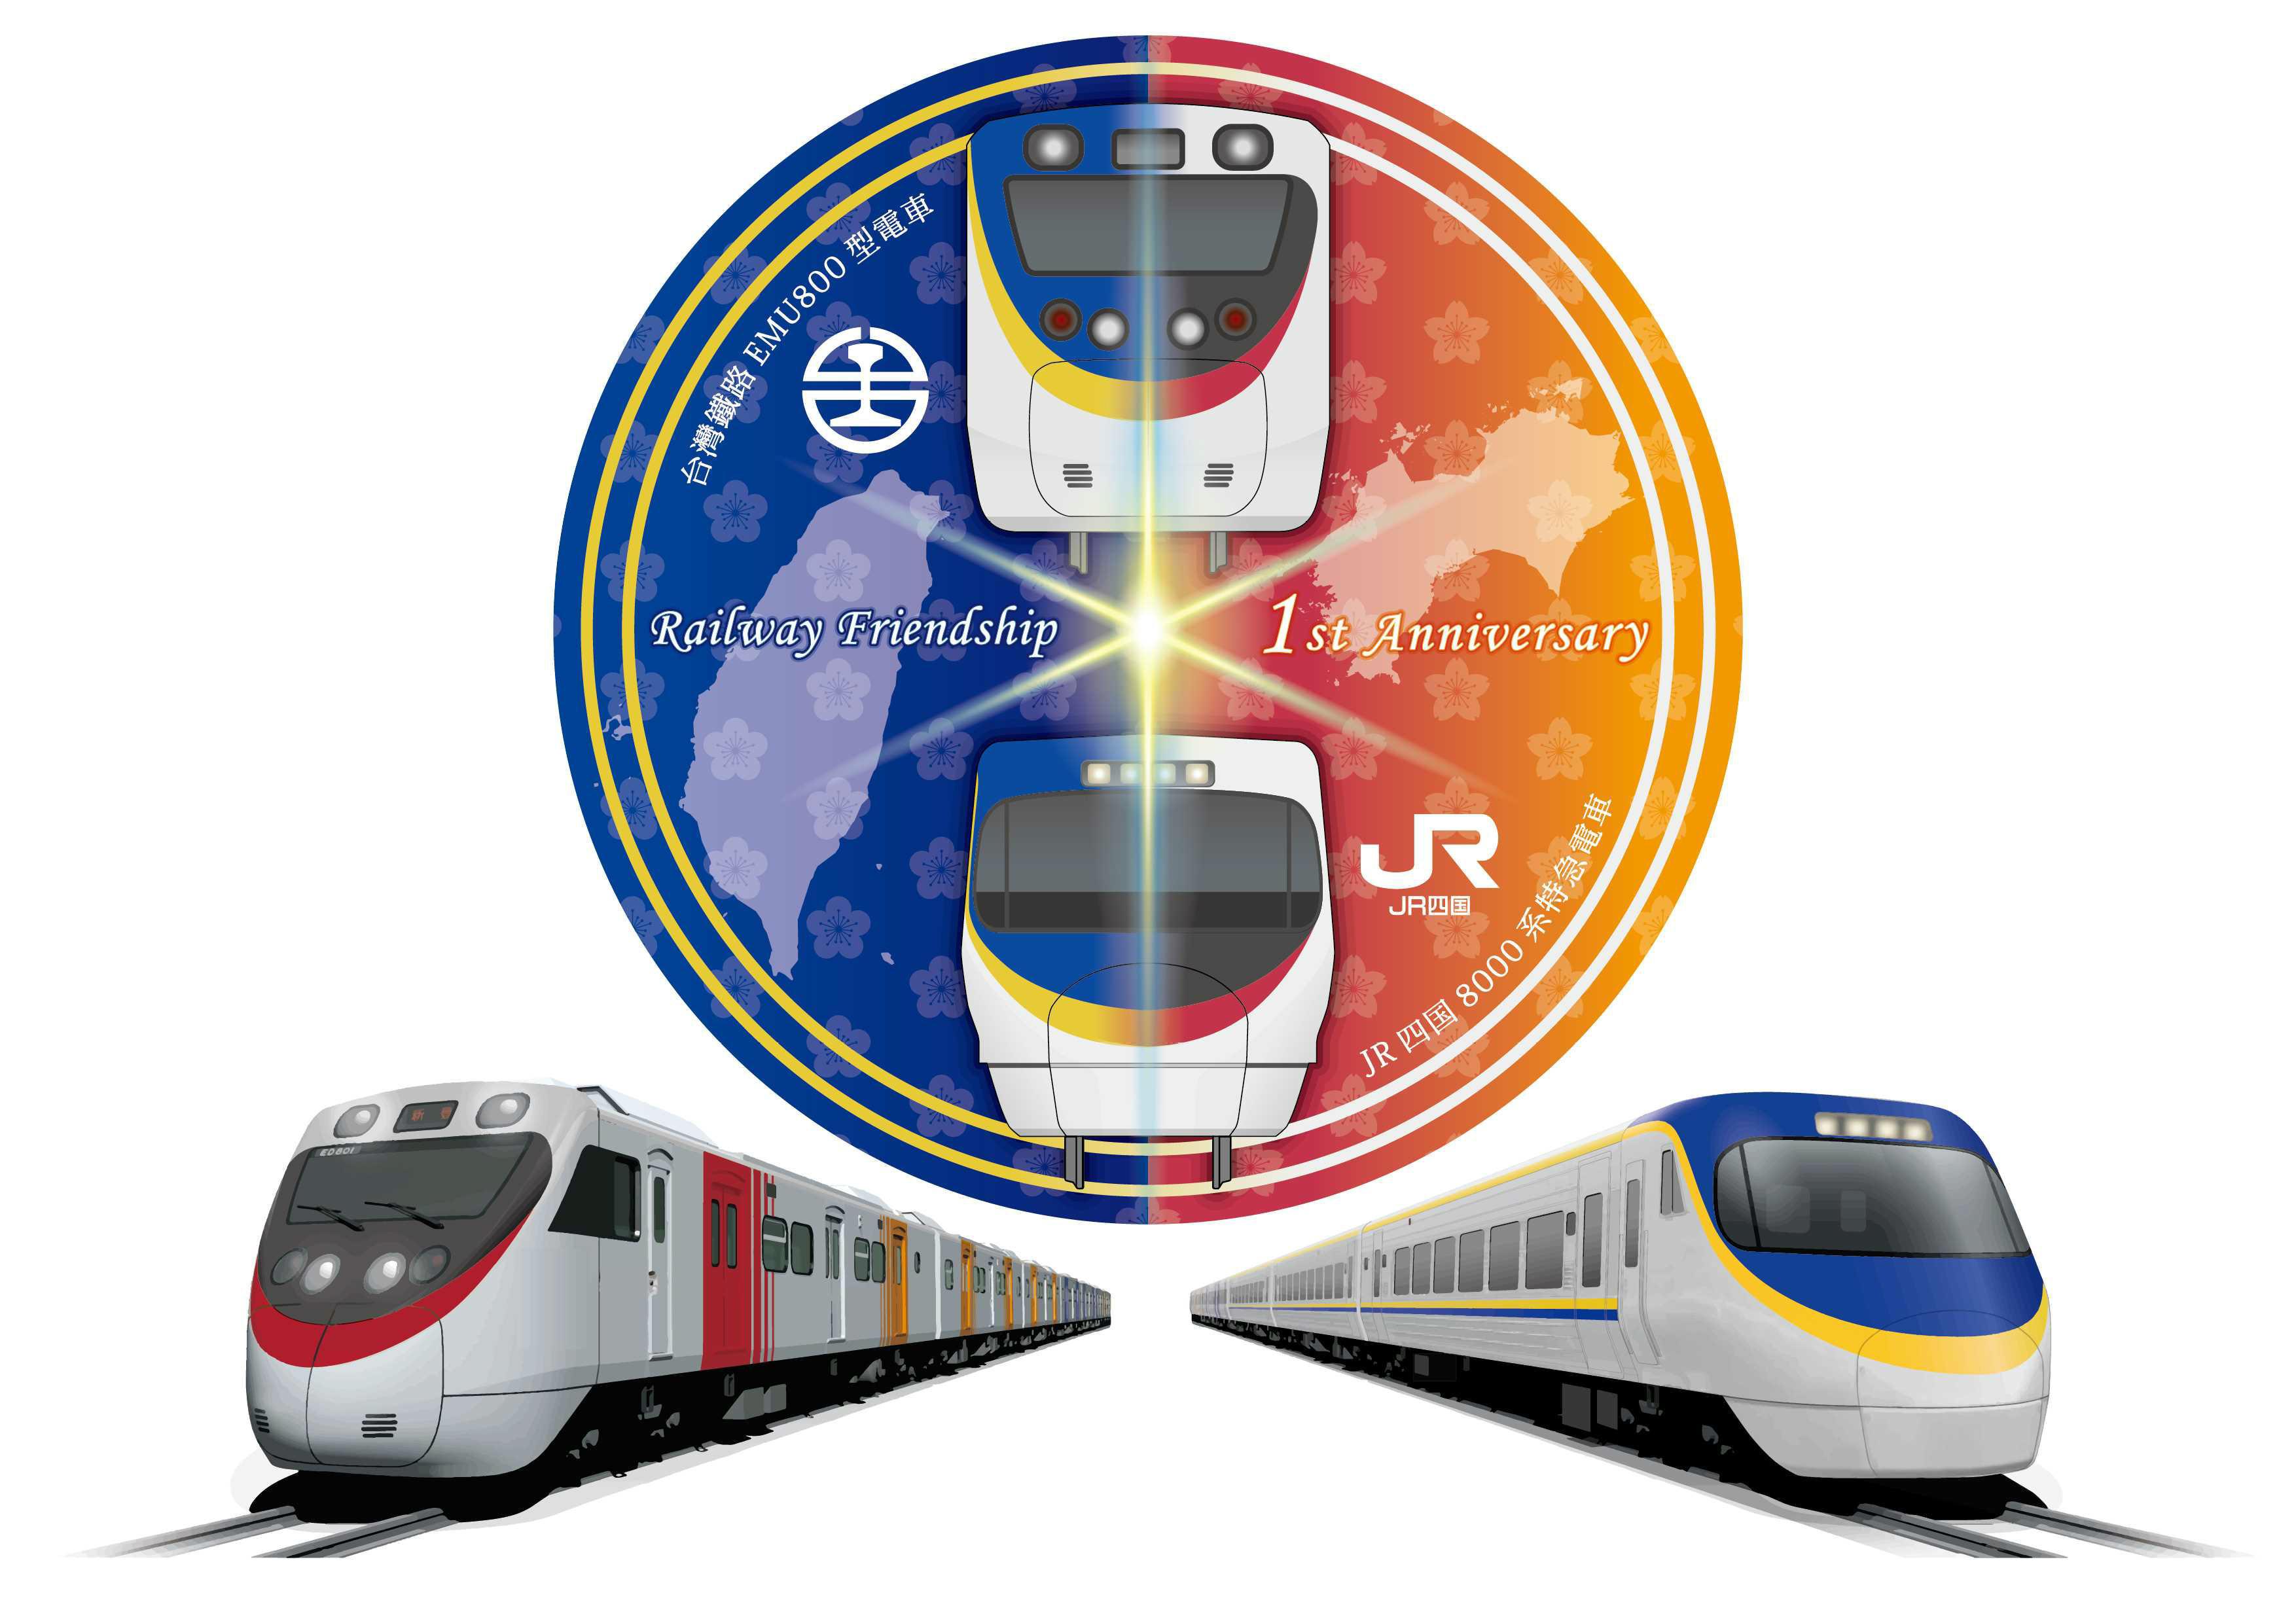 友好鉄道協定1周年(イメージ)